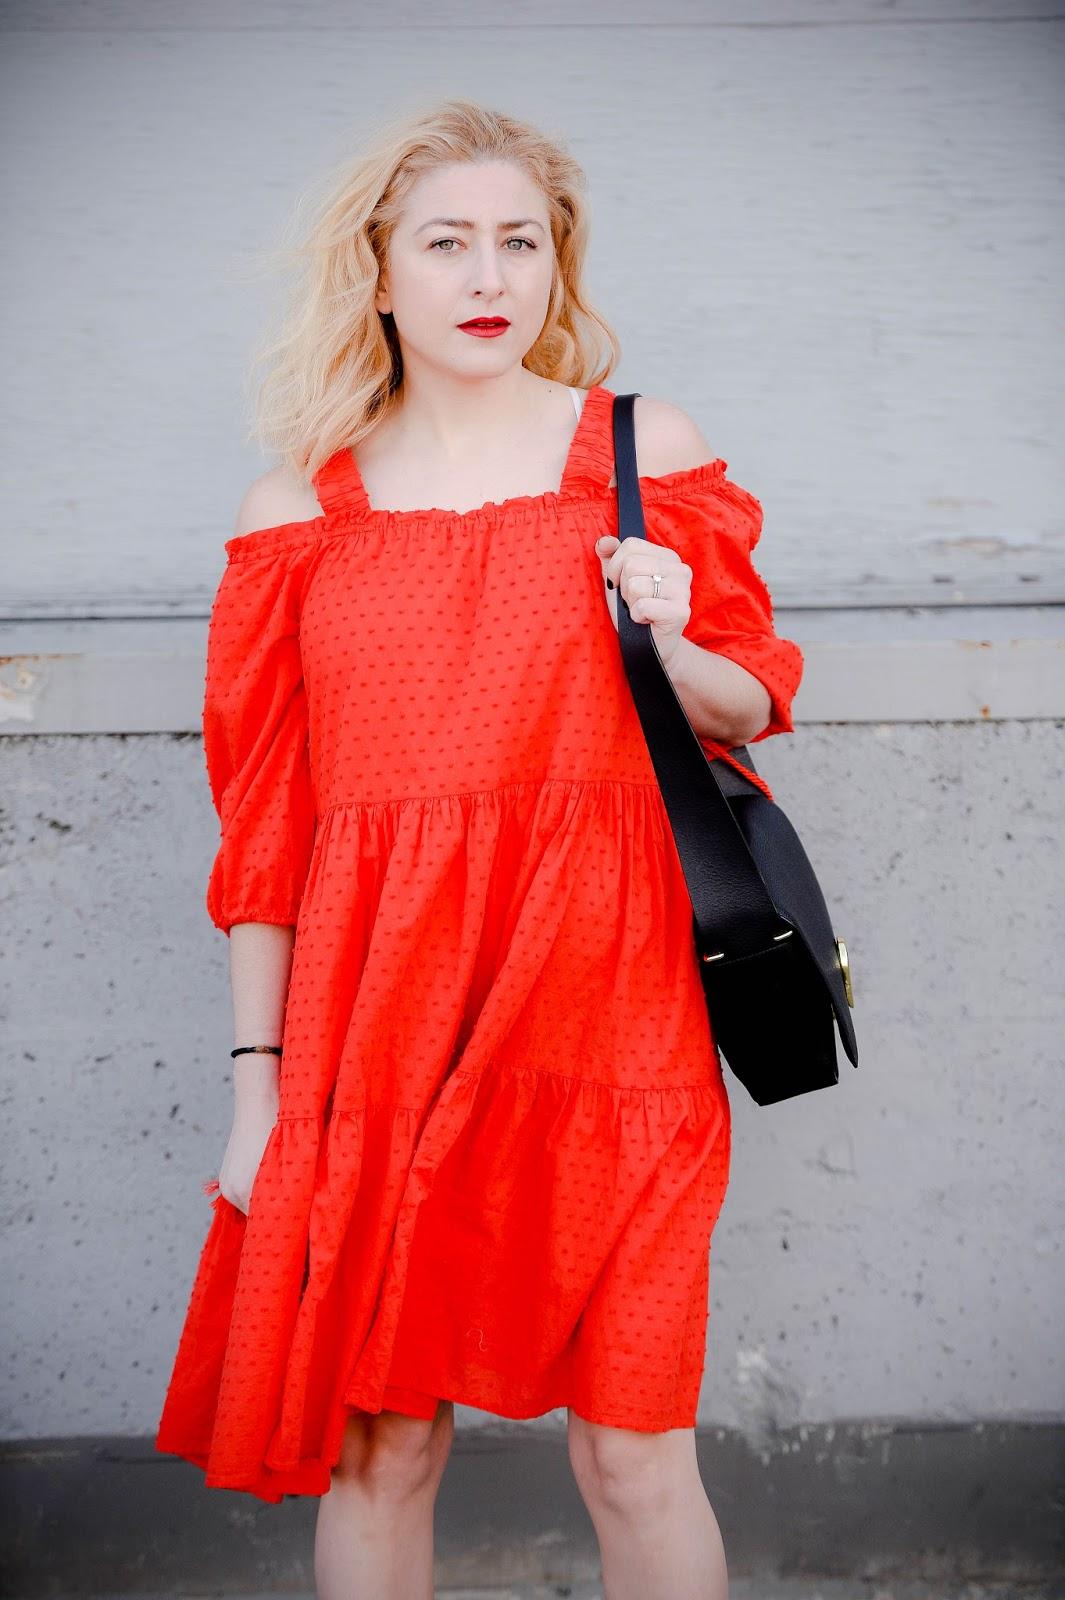 1acf8112b6c9 Off-The-Shoulder Dress | Some Velvet Morning